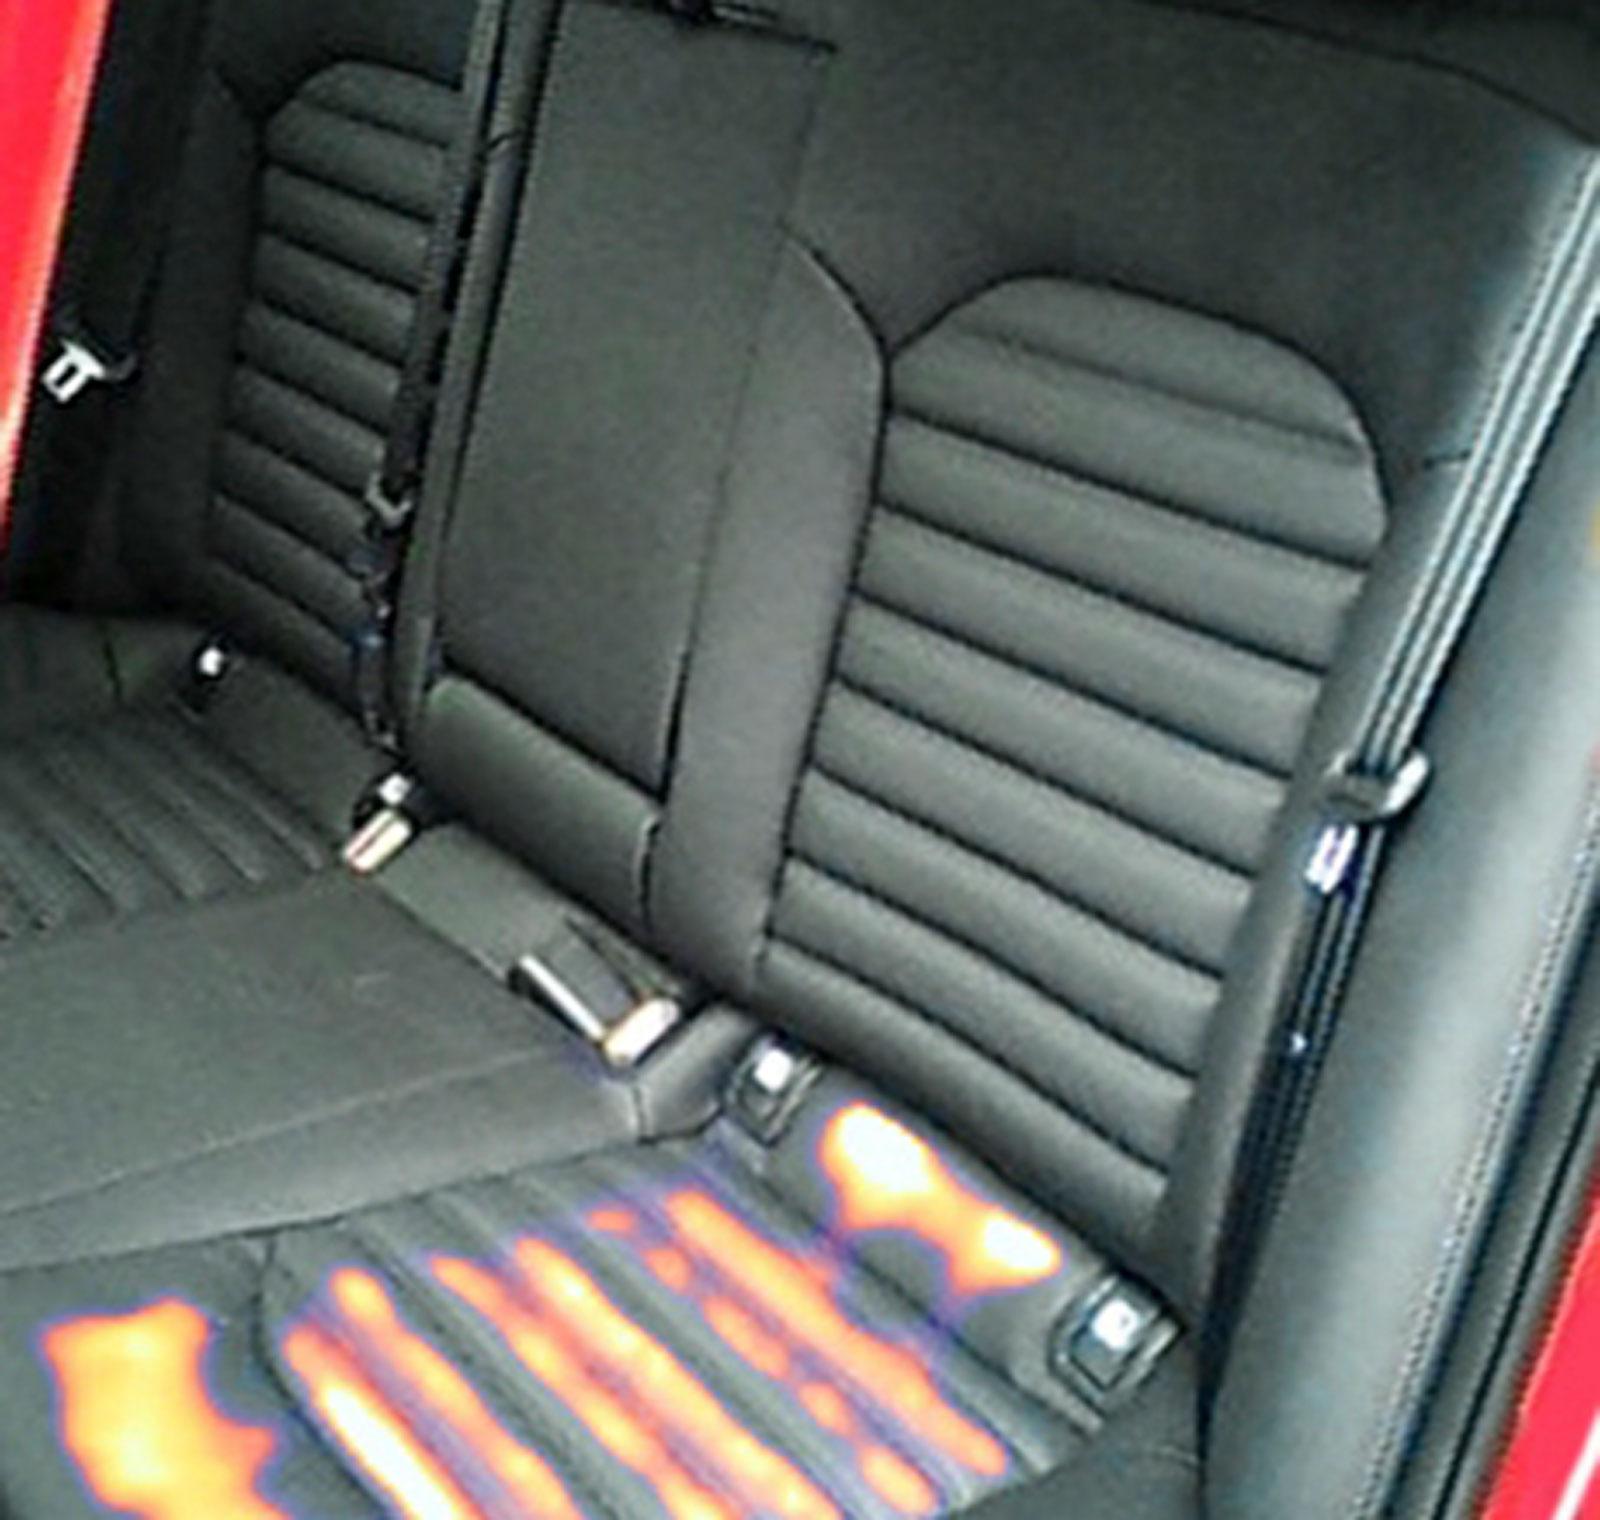 Kia har subjektivt aningen långsam värme i stolen fram och i baksätet – och ingen värme i ryggen bak visar värmekameran.